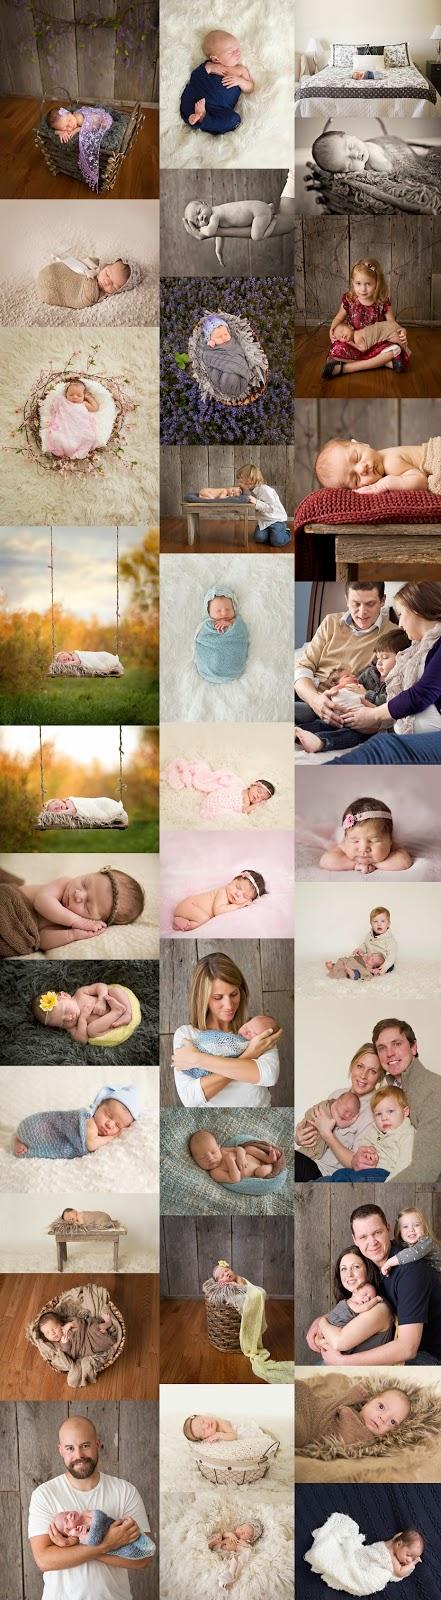 Sycamore, Dekalb, St. Charles, Geneva Newborn Photographer